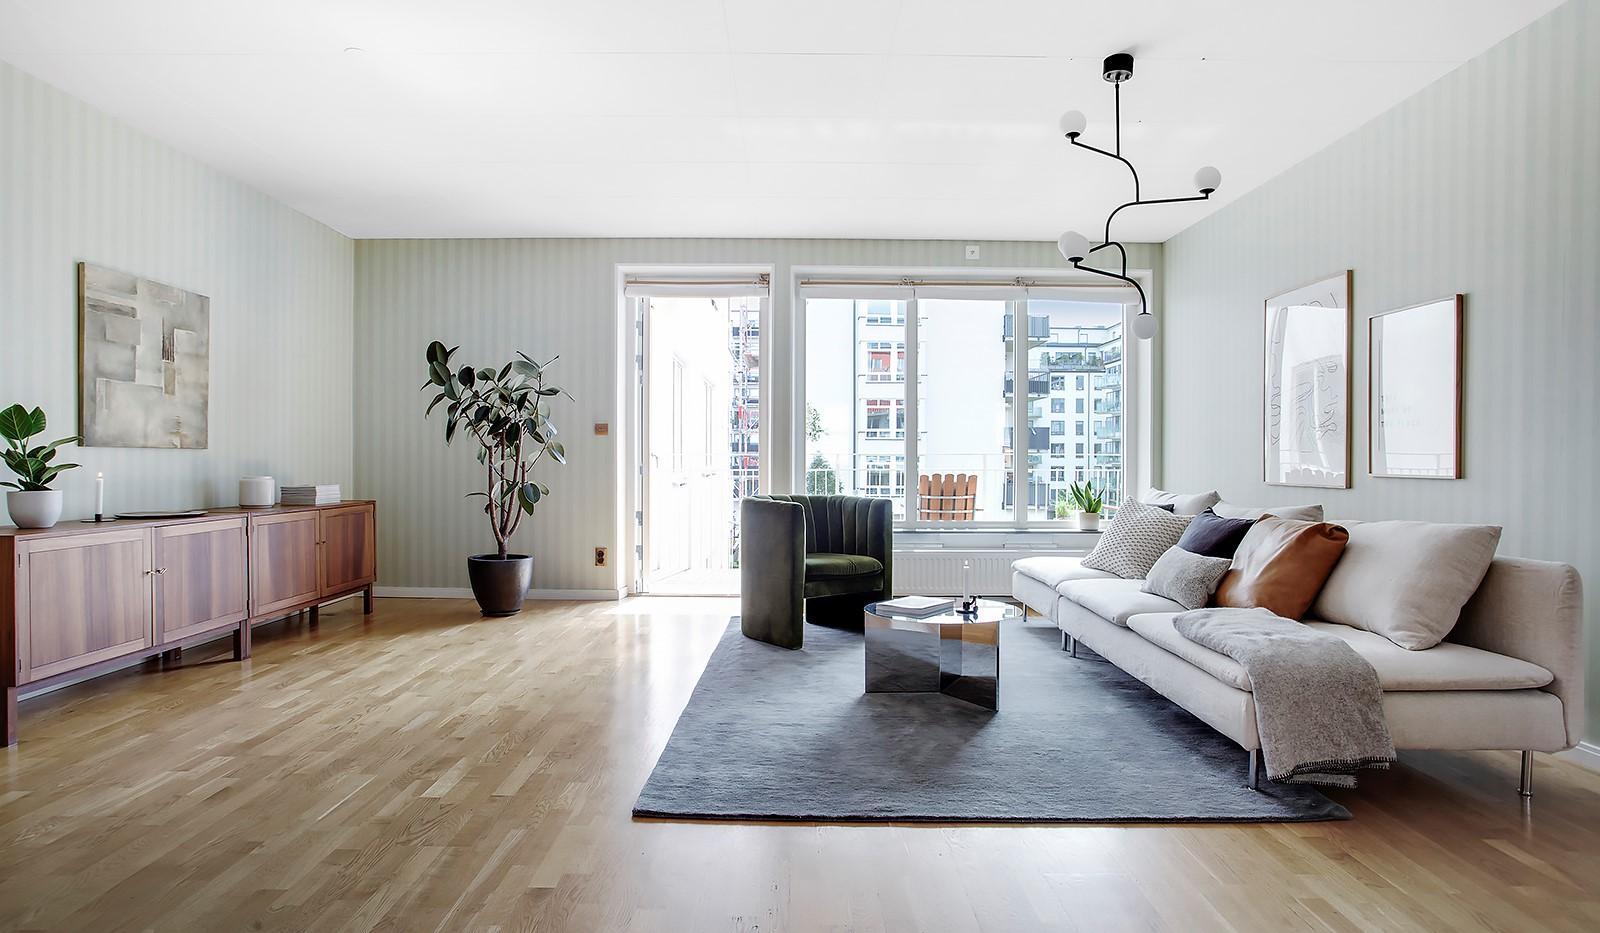 Åsögatan 106 - Allrummet med sina generösa 30 m².